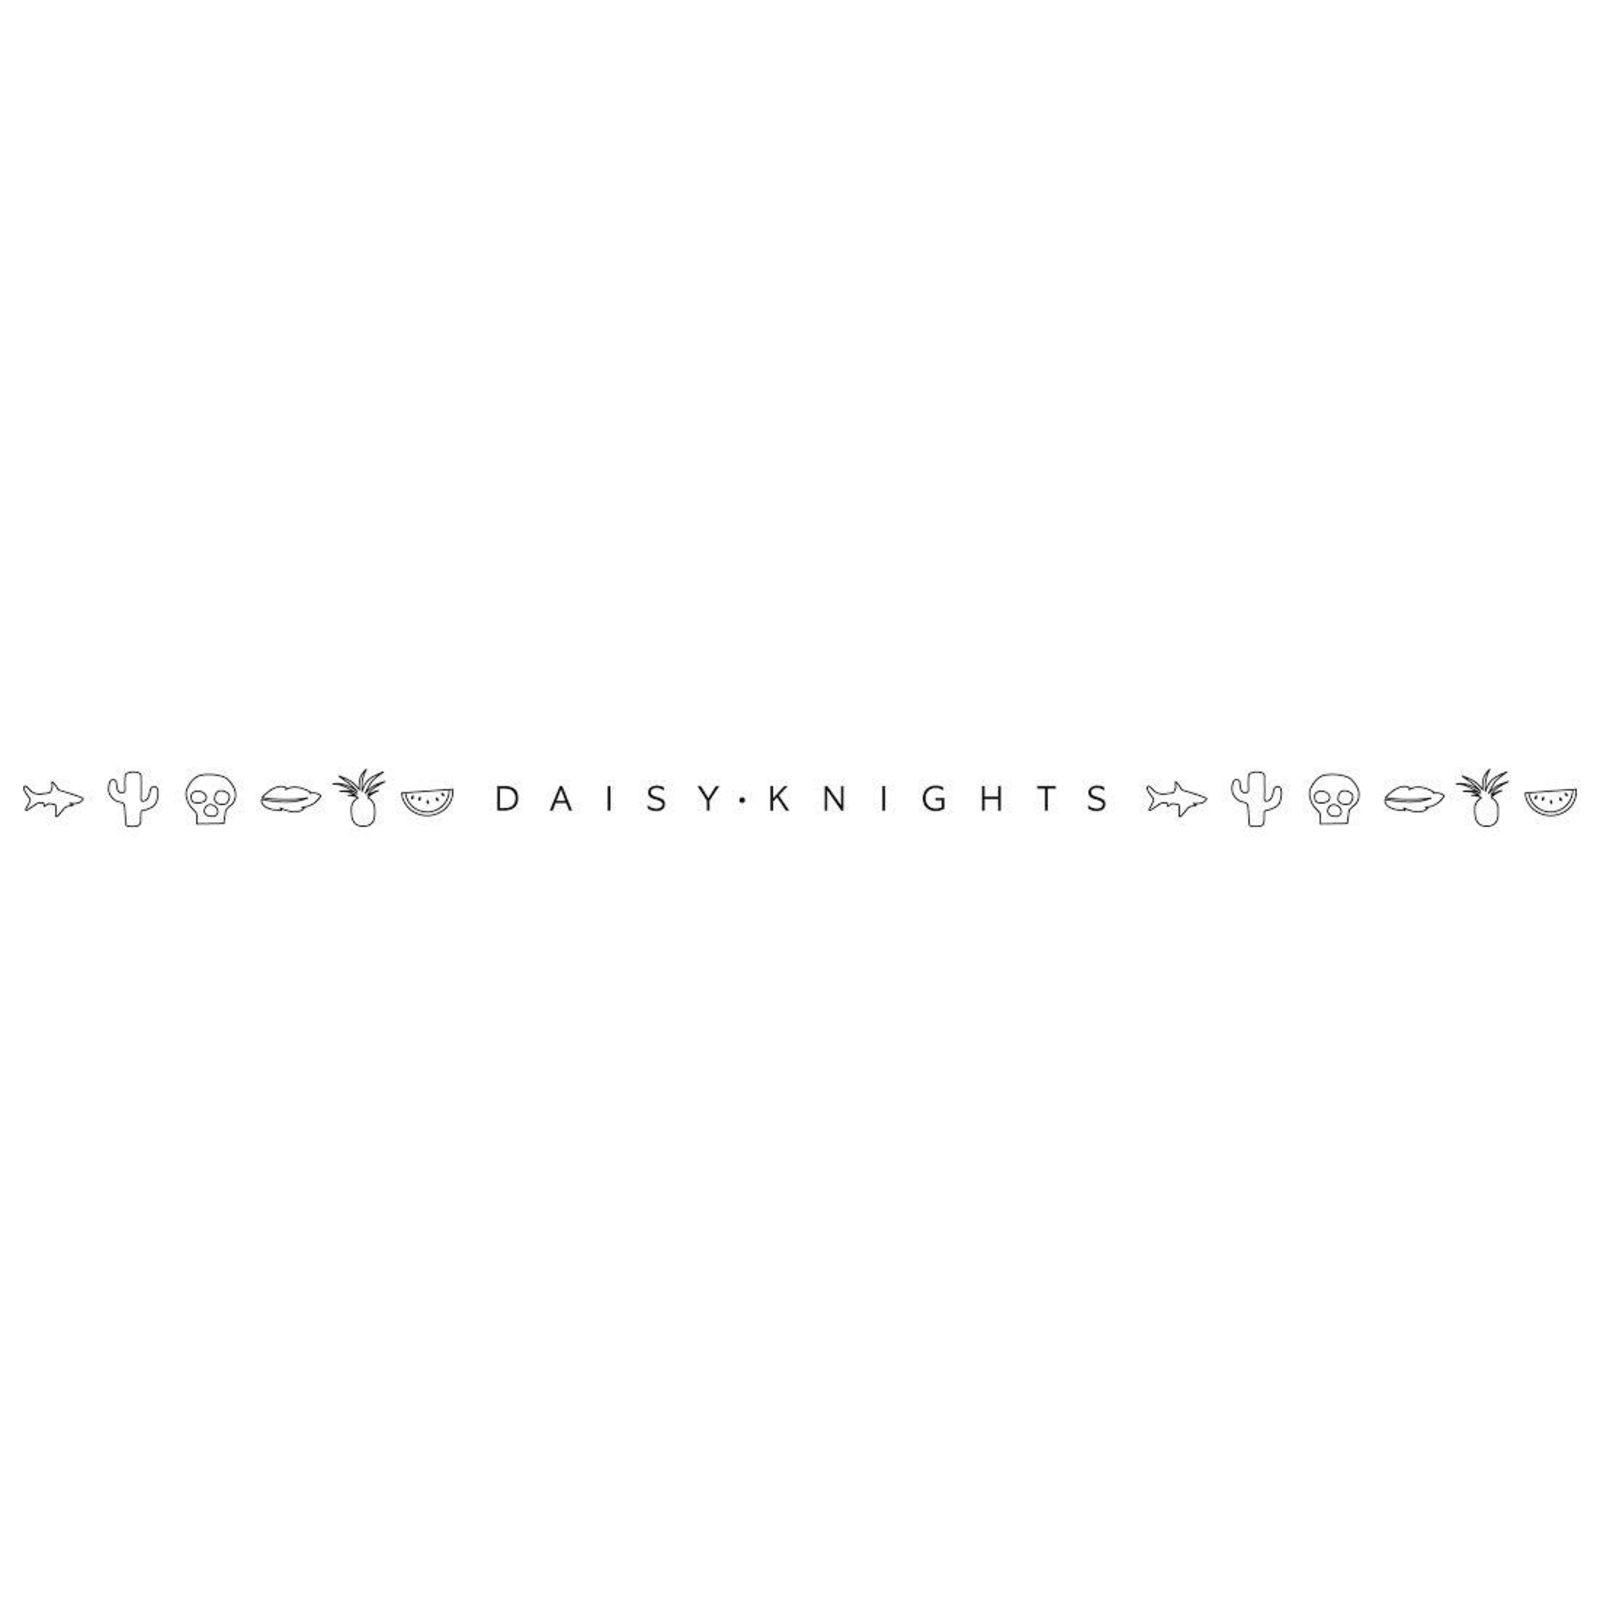 Daisy Knights